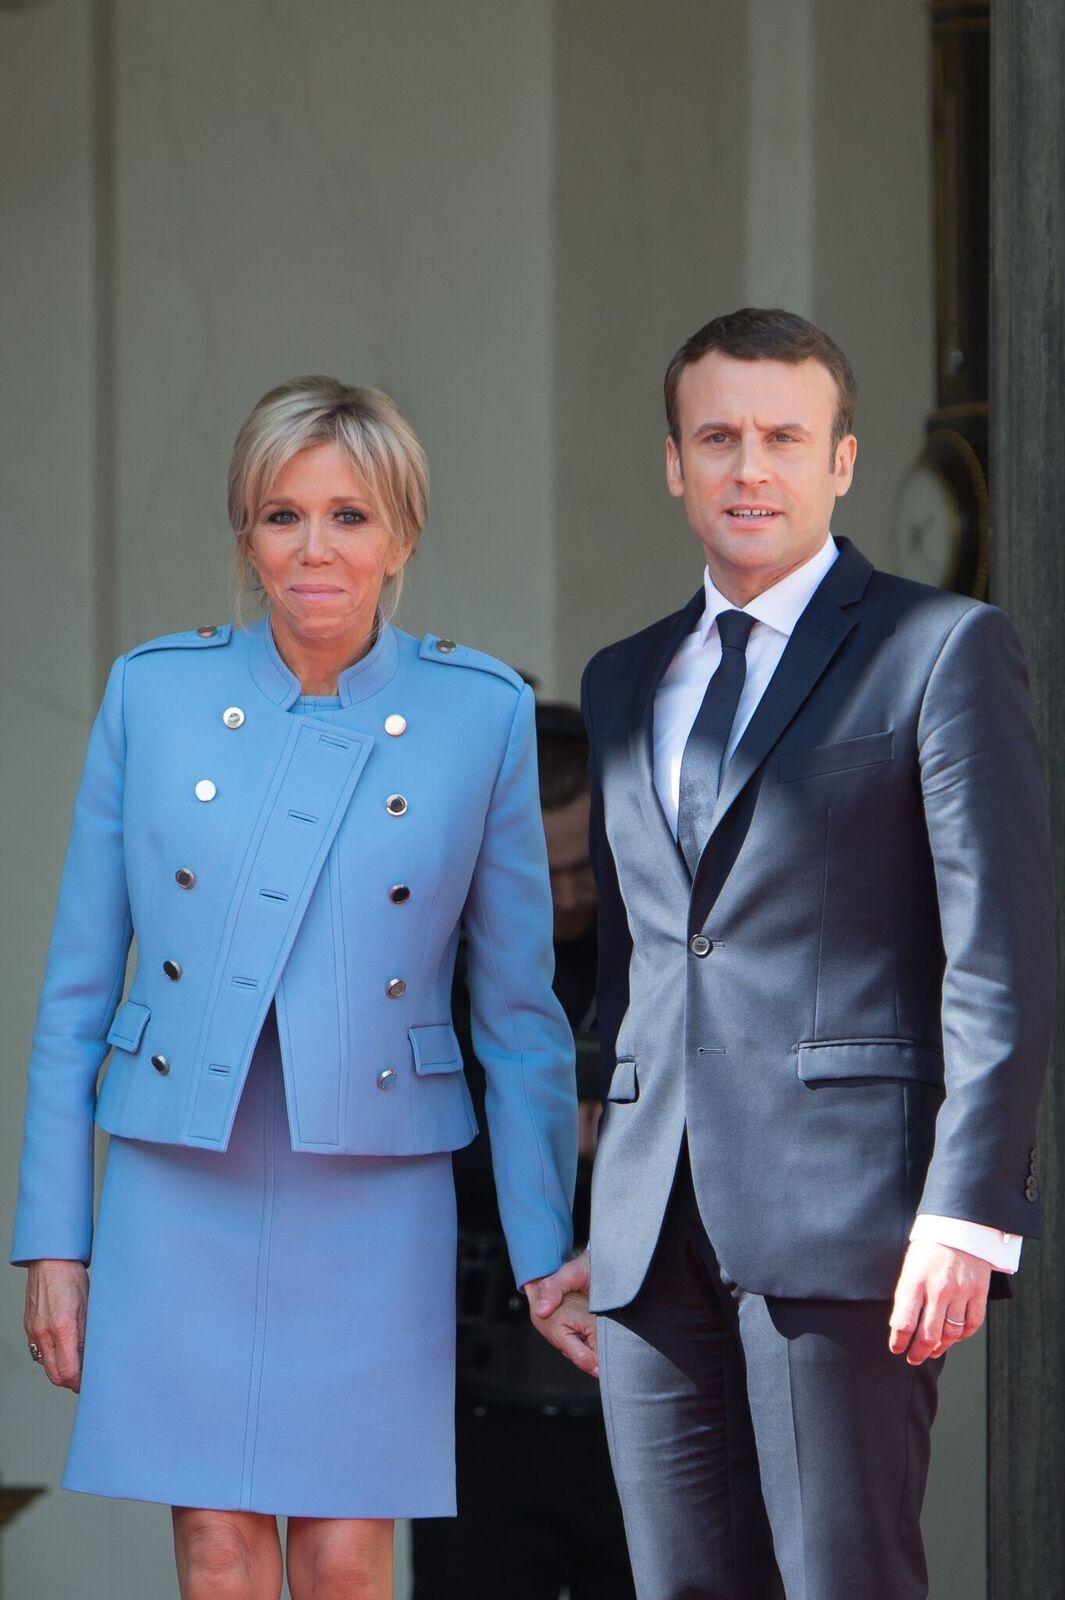 Brigitte et Emmanuel Macron lors de la cérémonie d'investiture à l'Elysée | Photo : Getty Images